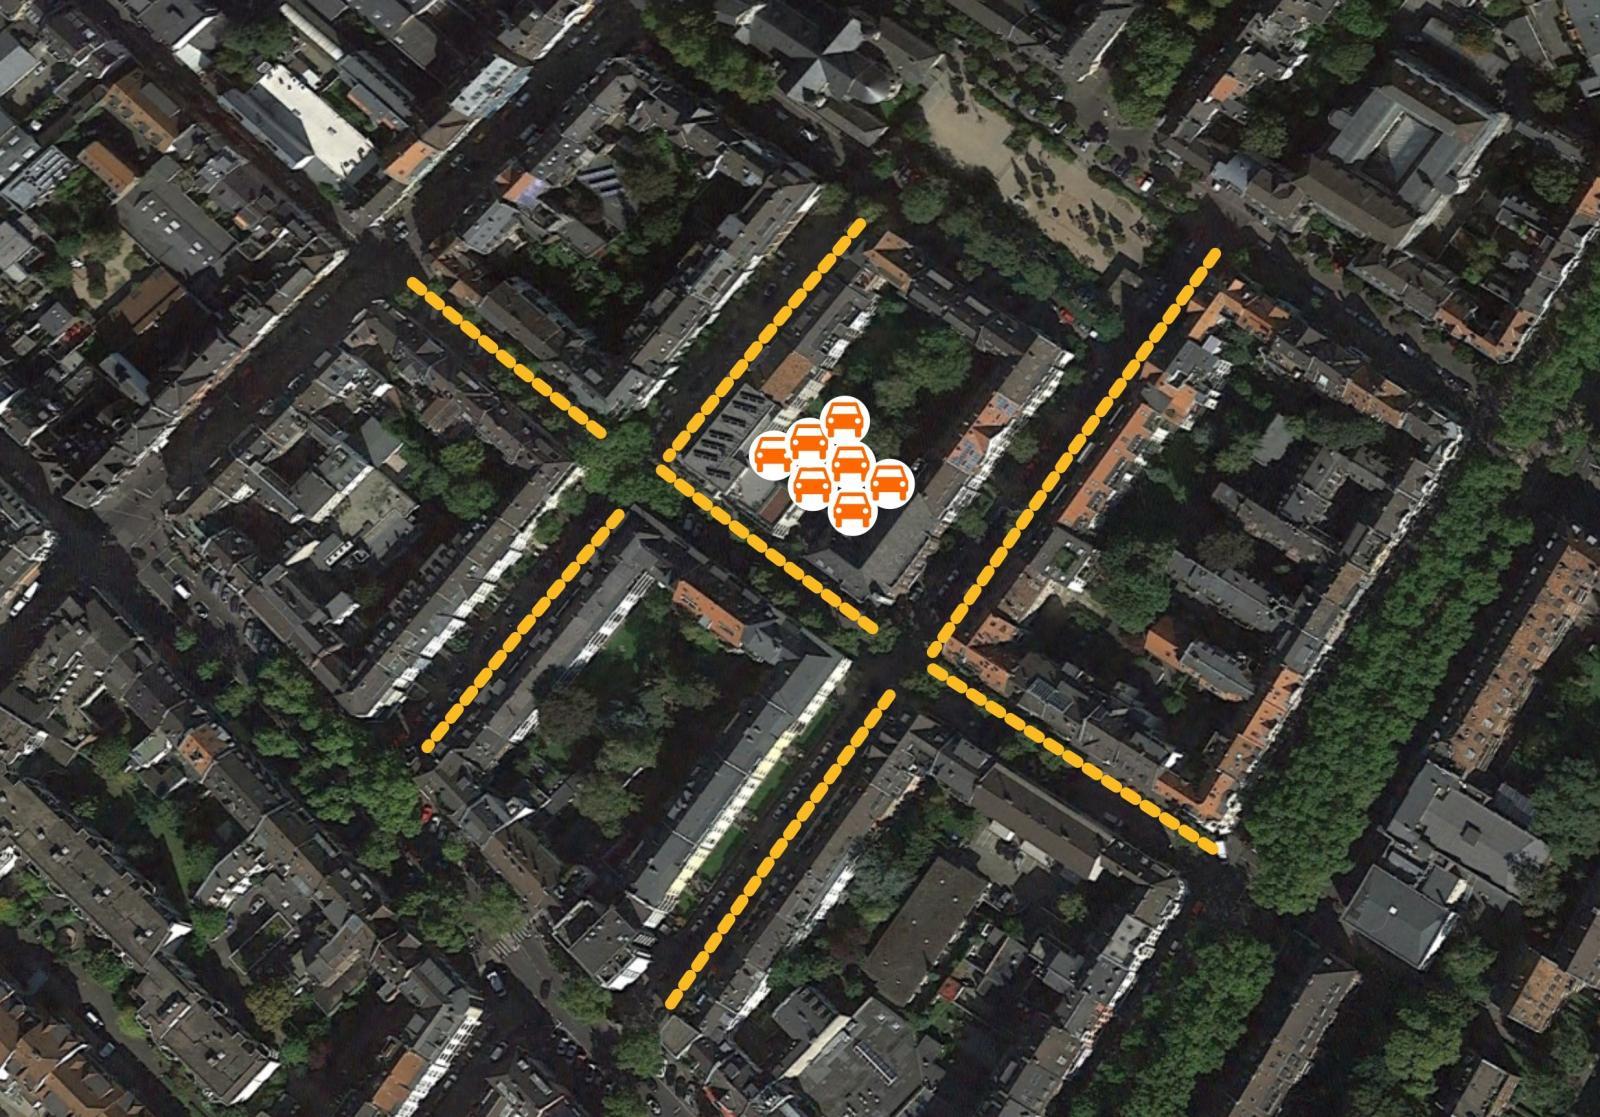 Köln-Sülz: Frei gewordene Parkfläche (gelb markiert), die durch eine CarSharing-Station mit 7 Fahrzeugen frei wird (Bild: bcs)